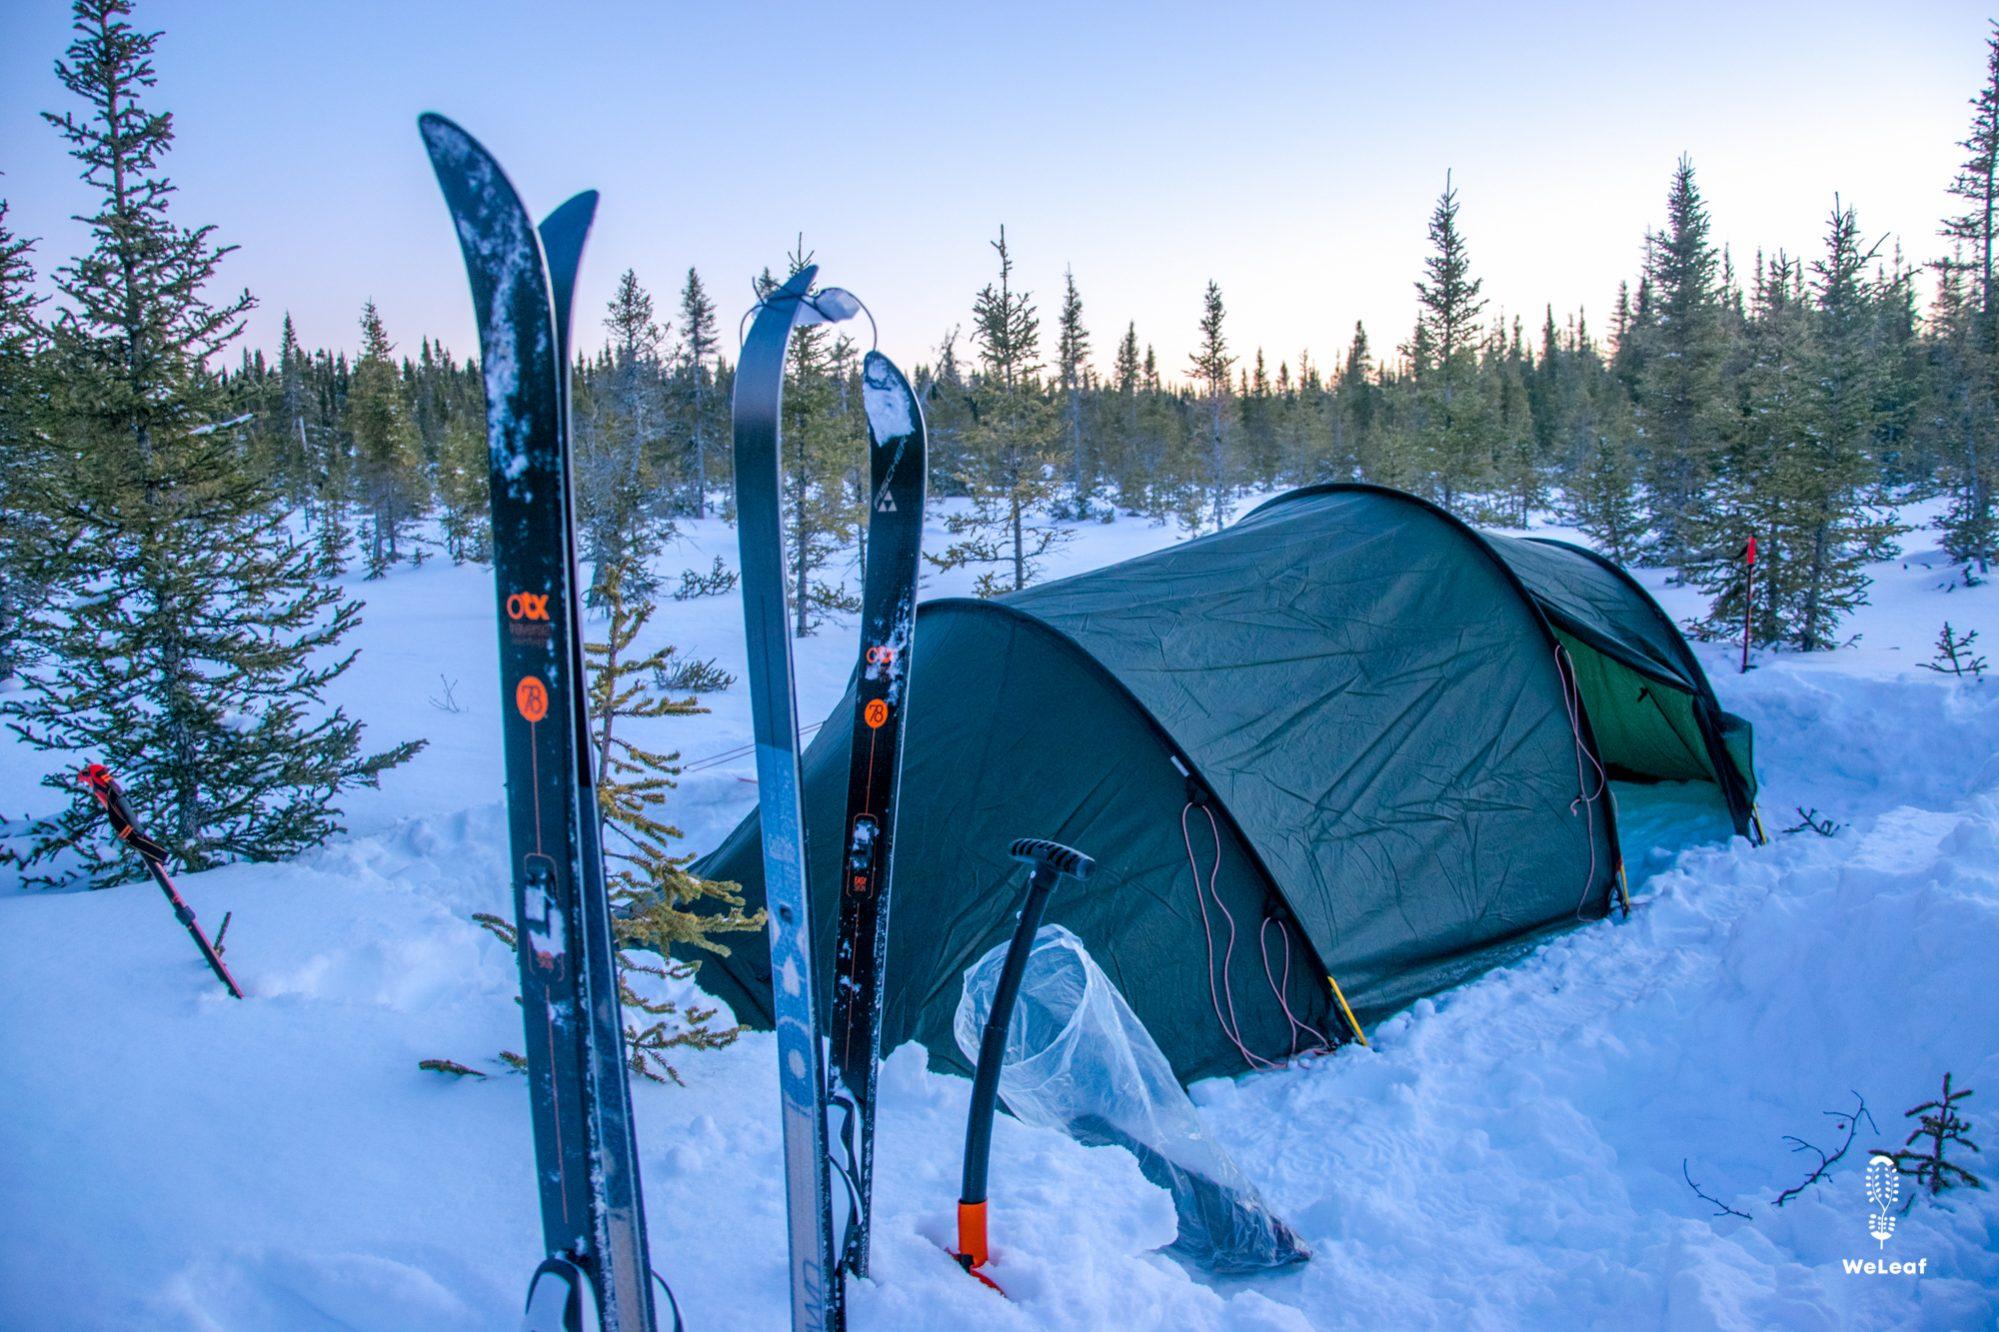 Paklijst voor een wintertocht